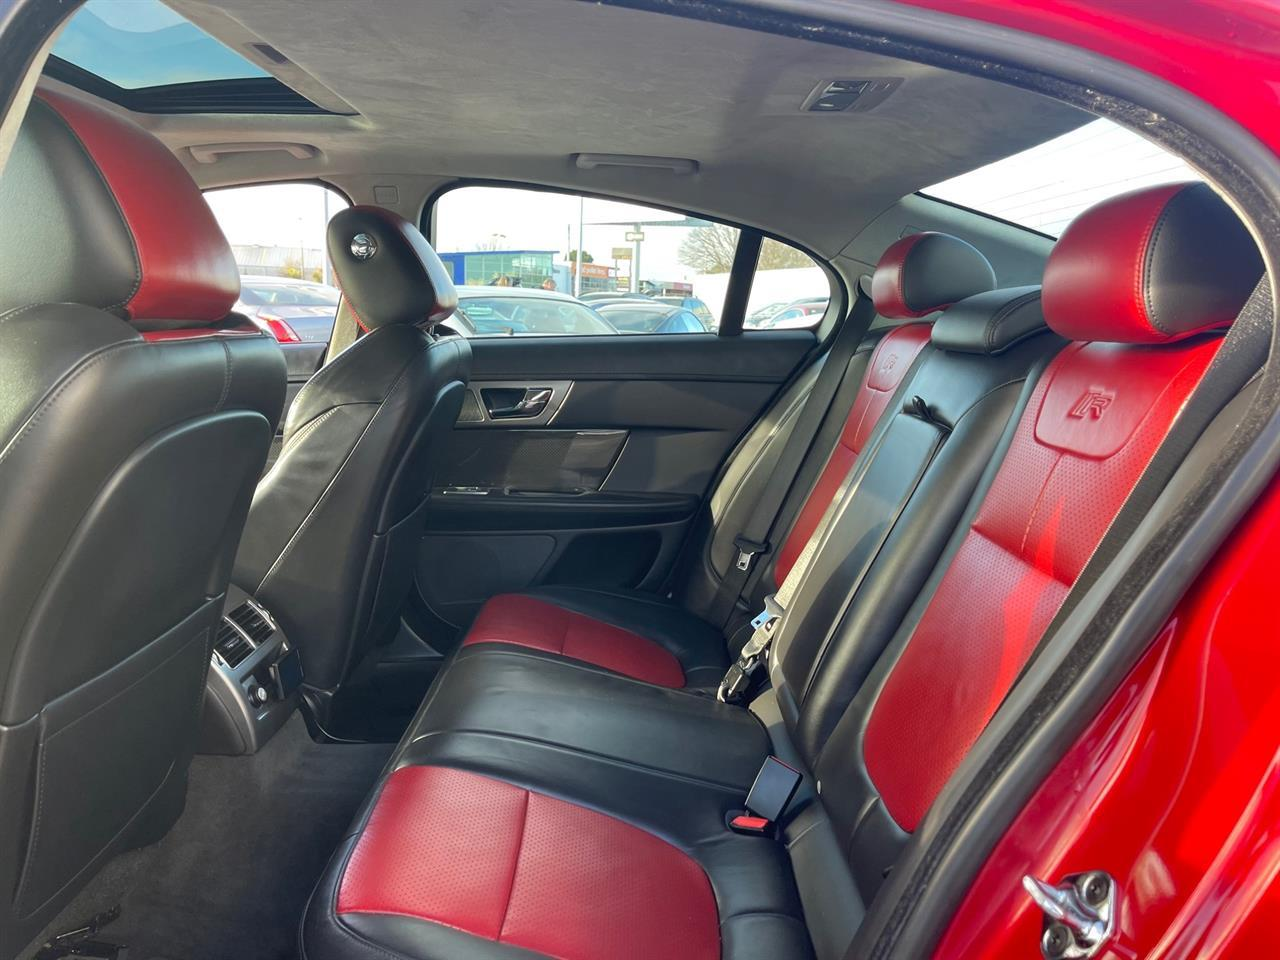 image-6, 2012 Jaguar XFR 5.0 V8 Supercharged Facelift at Christchurch